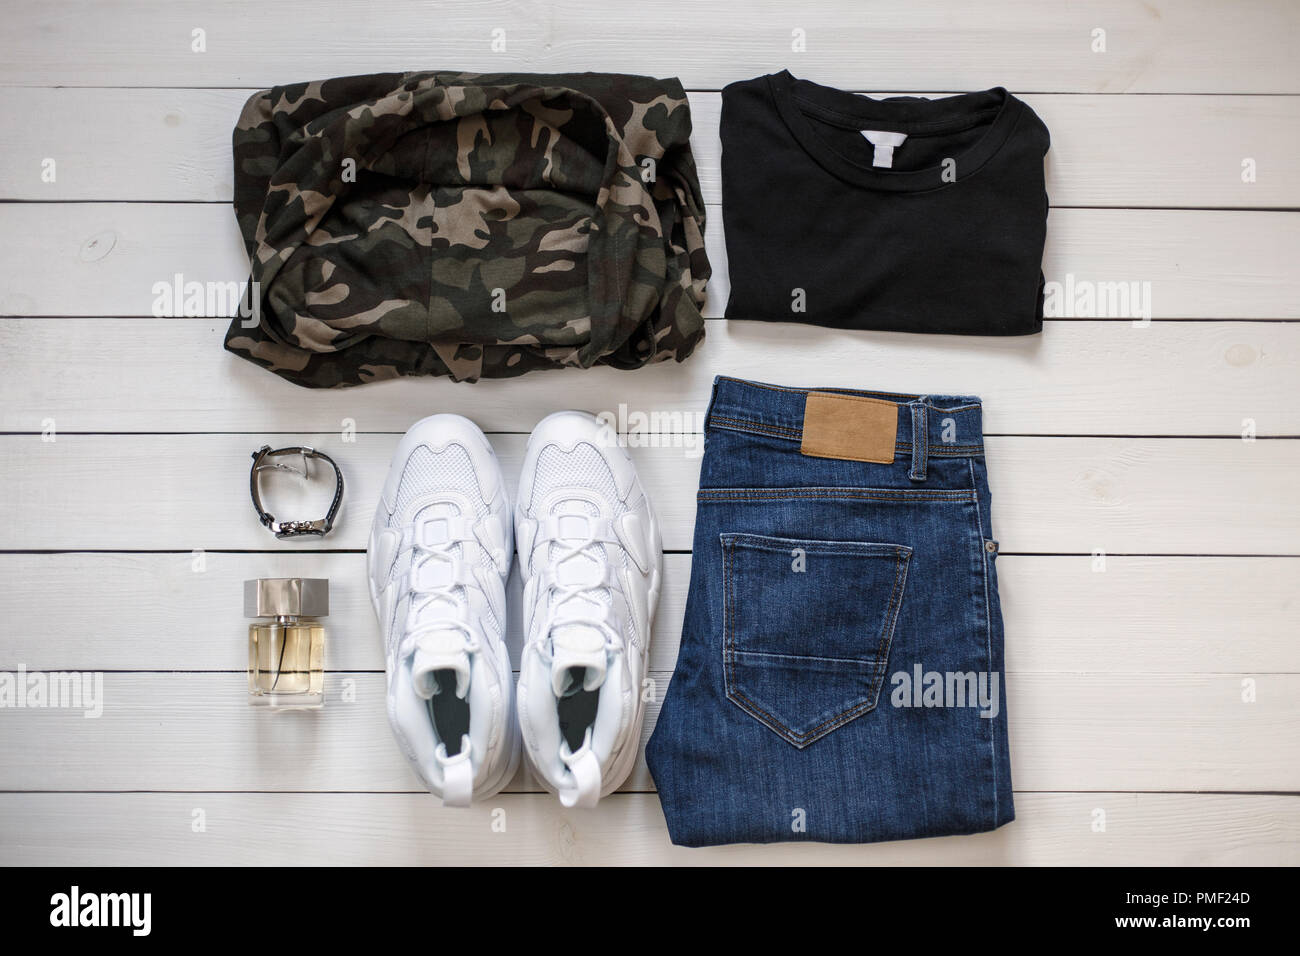 1444874cf8 Nuevo y elegante de moda primavera verano 2018 colección de ropa para  hombres de madera sobre